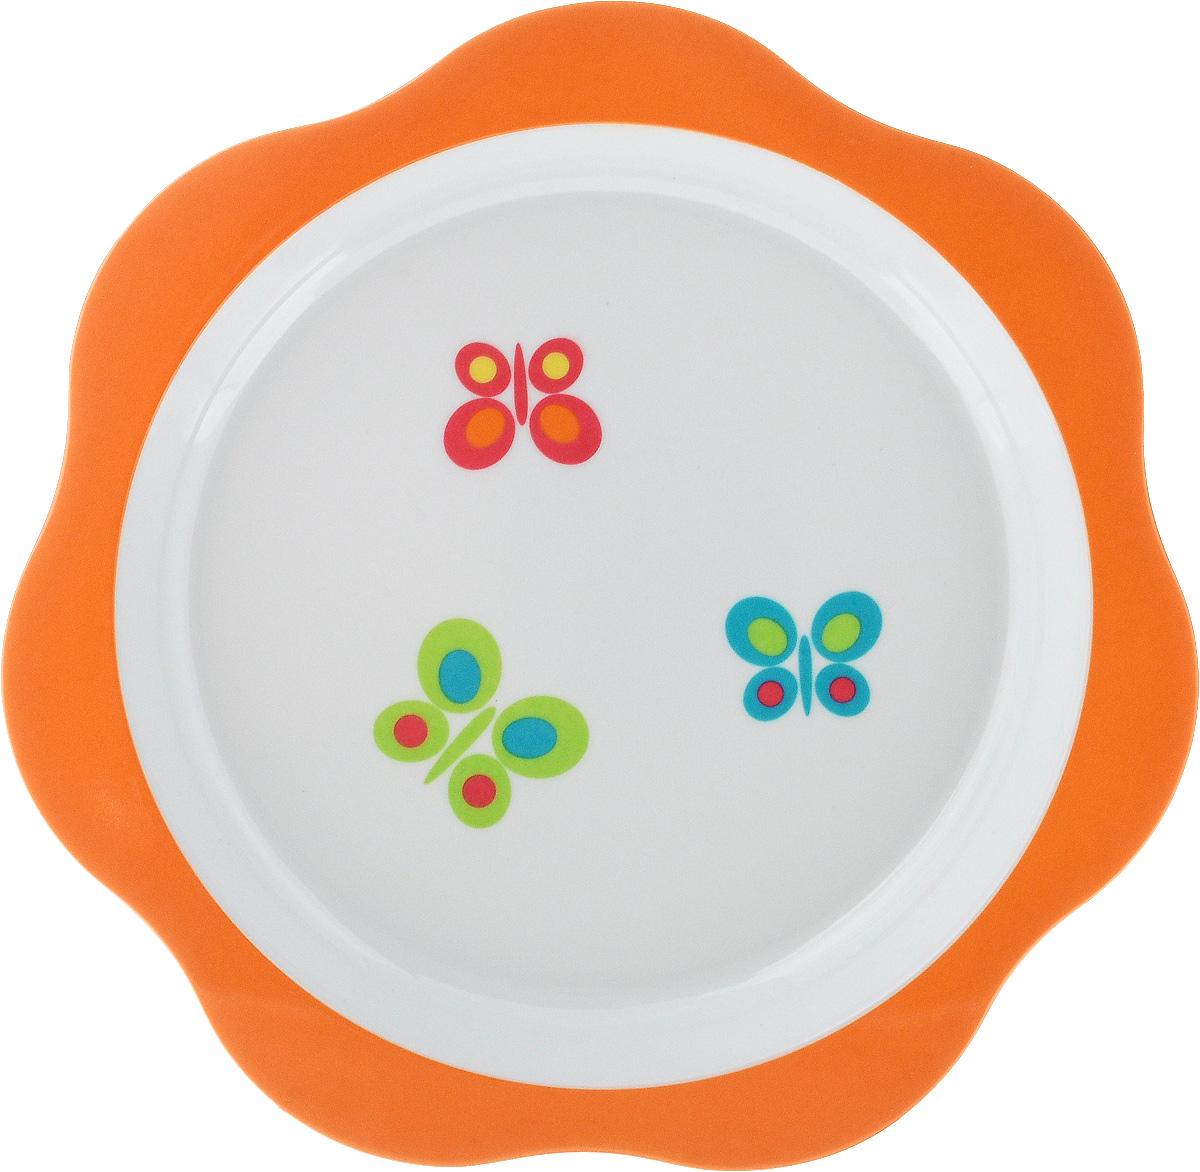 Тарелка детская Tescoma Bambini. Бабочки, цвет: оранжевый, белый, диаметр 22 см668012_оранжевыйДетская тарелка Tescoma Bambini. Бабочки изготовлена из безопасного пластика. Тарелочка, оформленная веселой картинкой забавных бабочек, понравится и малышу, и родителям! Ребенок будет с удовольствием учиться кушать самостоятельно. Тарелочка подходит для горячей и холодной пищи. Можно использовать в посудомоечной машине. Нельзя использовать в микроволновой печи. Внешний диаметр тарелки: 22 см. Внутренний диаметр тарелки: 17,7 см.